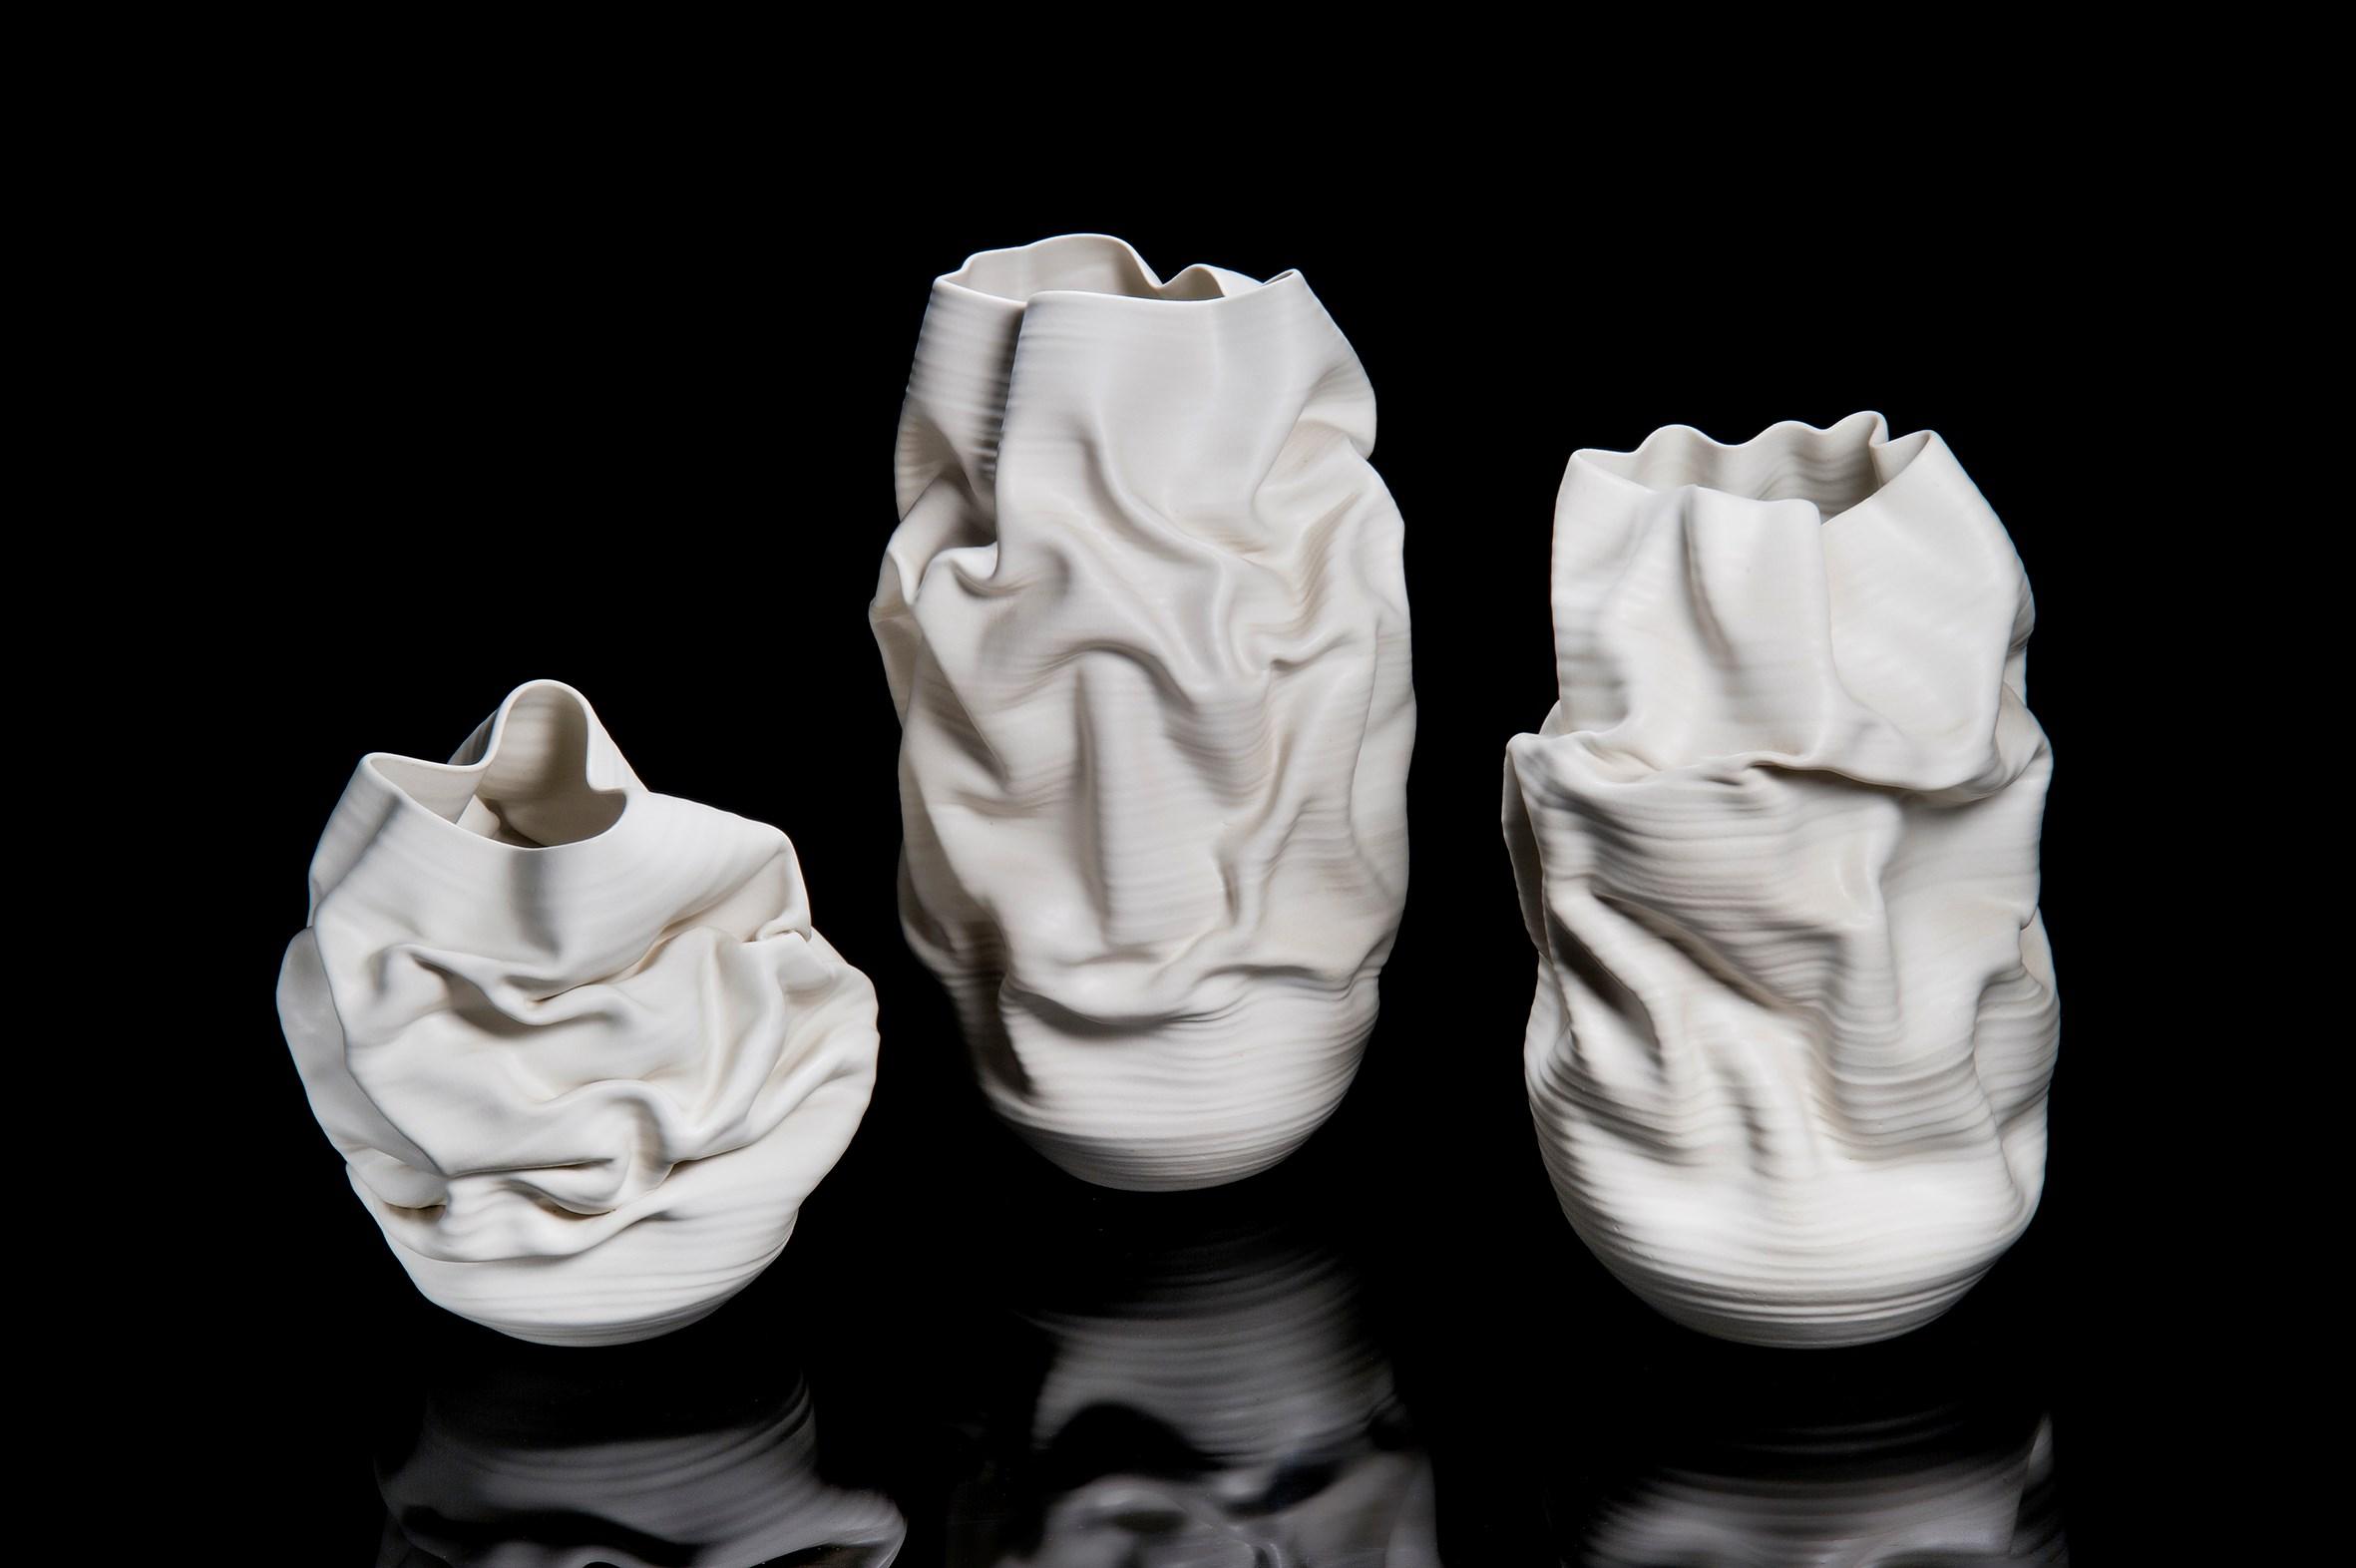 crumpled white ceramic vase art sculpture Nicholas Arroyave-Portela